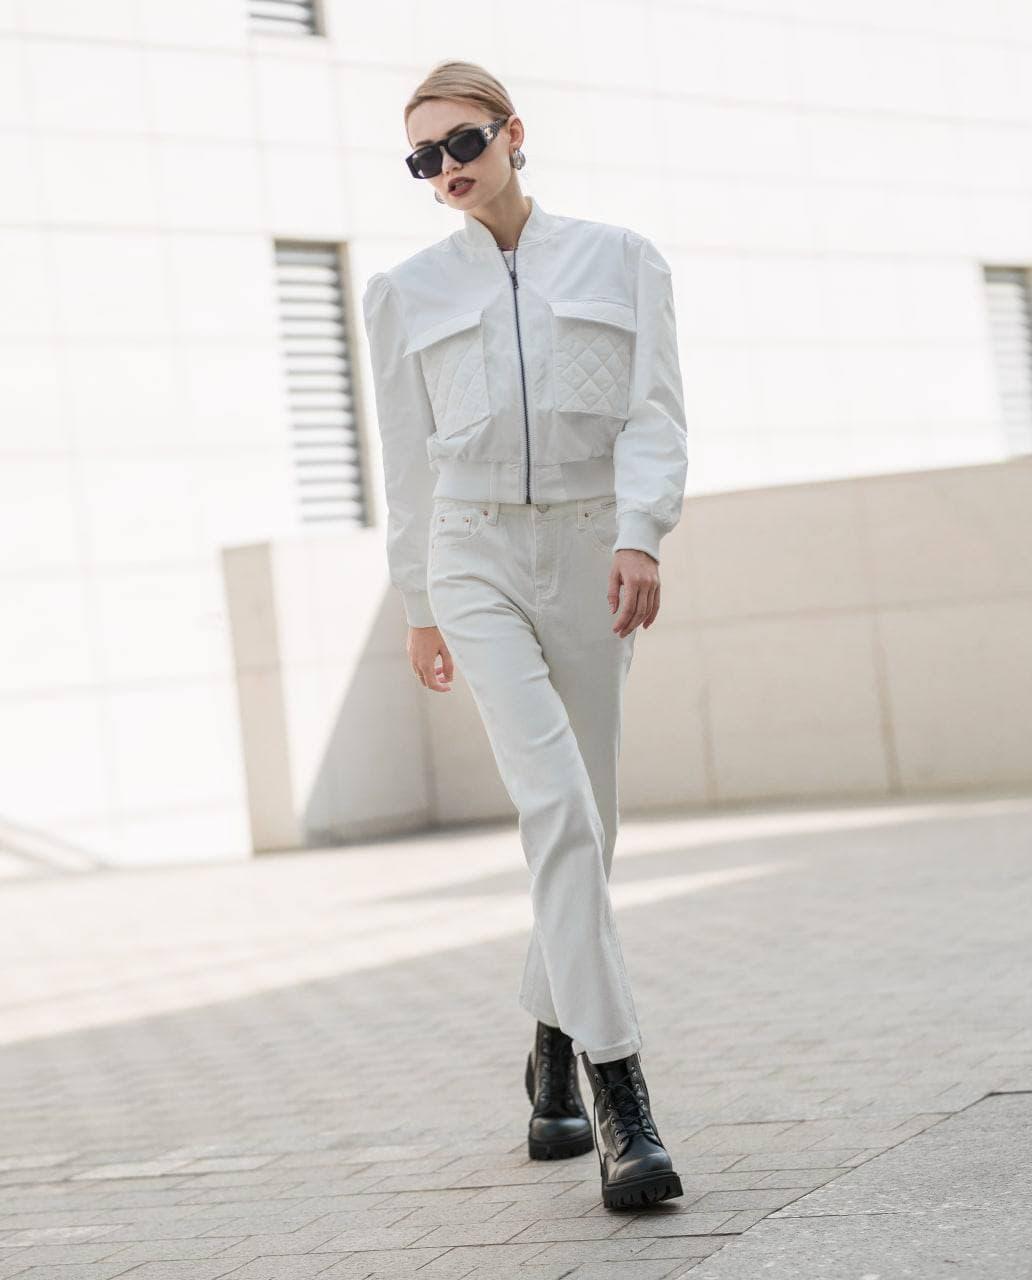 Trong bộ sưu tập, J-P Fashion mong muốn mang tới các thiết kế đa phong cách, vừa thanh lịch, nhẹ nhàng, vừa mạnh mẽ, phóng khoáng. Với kiểu dáng hơi hướng phong cách menswear, phái đẹp sẽ thoải mái, tự do hơn khi đi chơi.